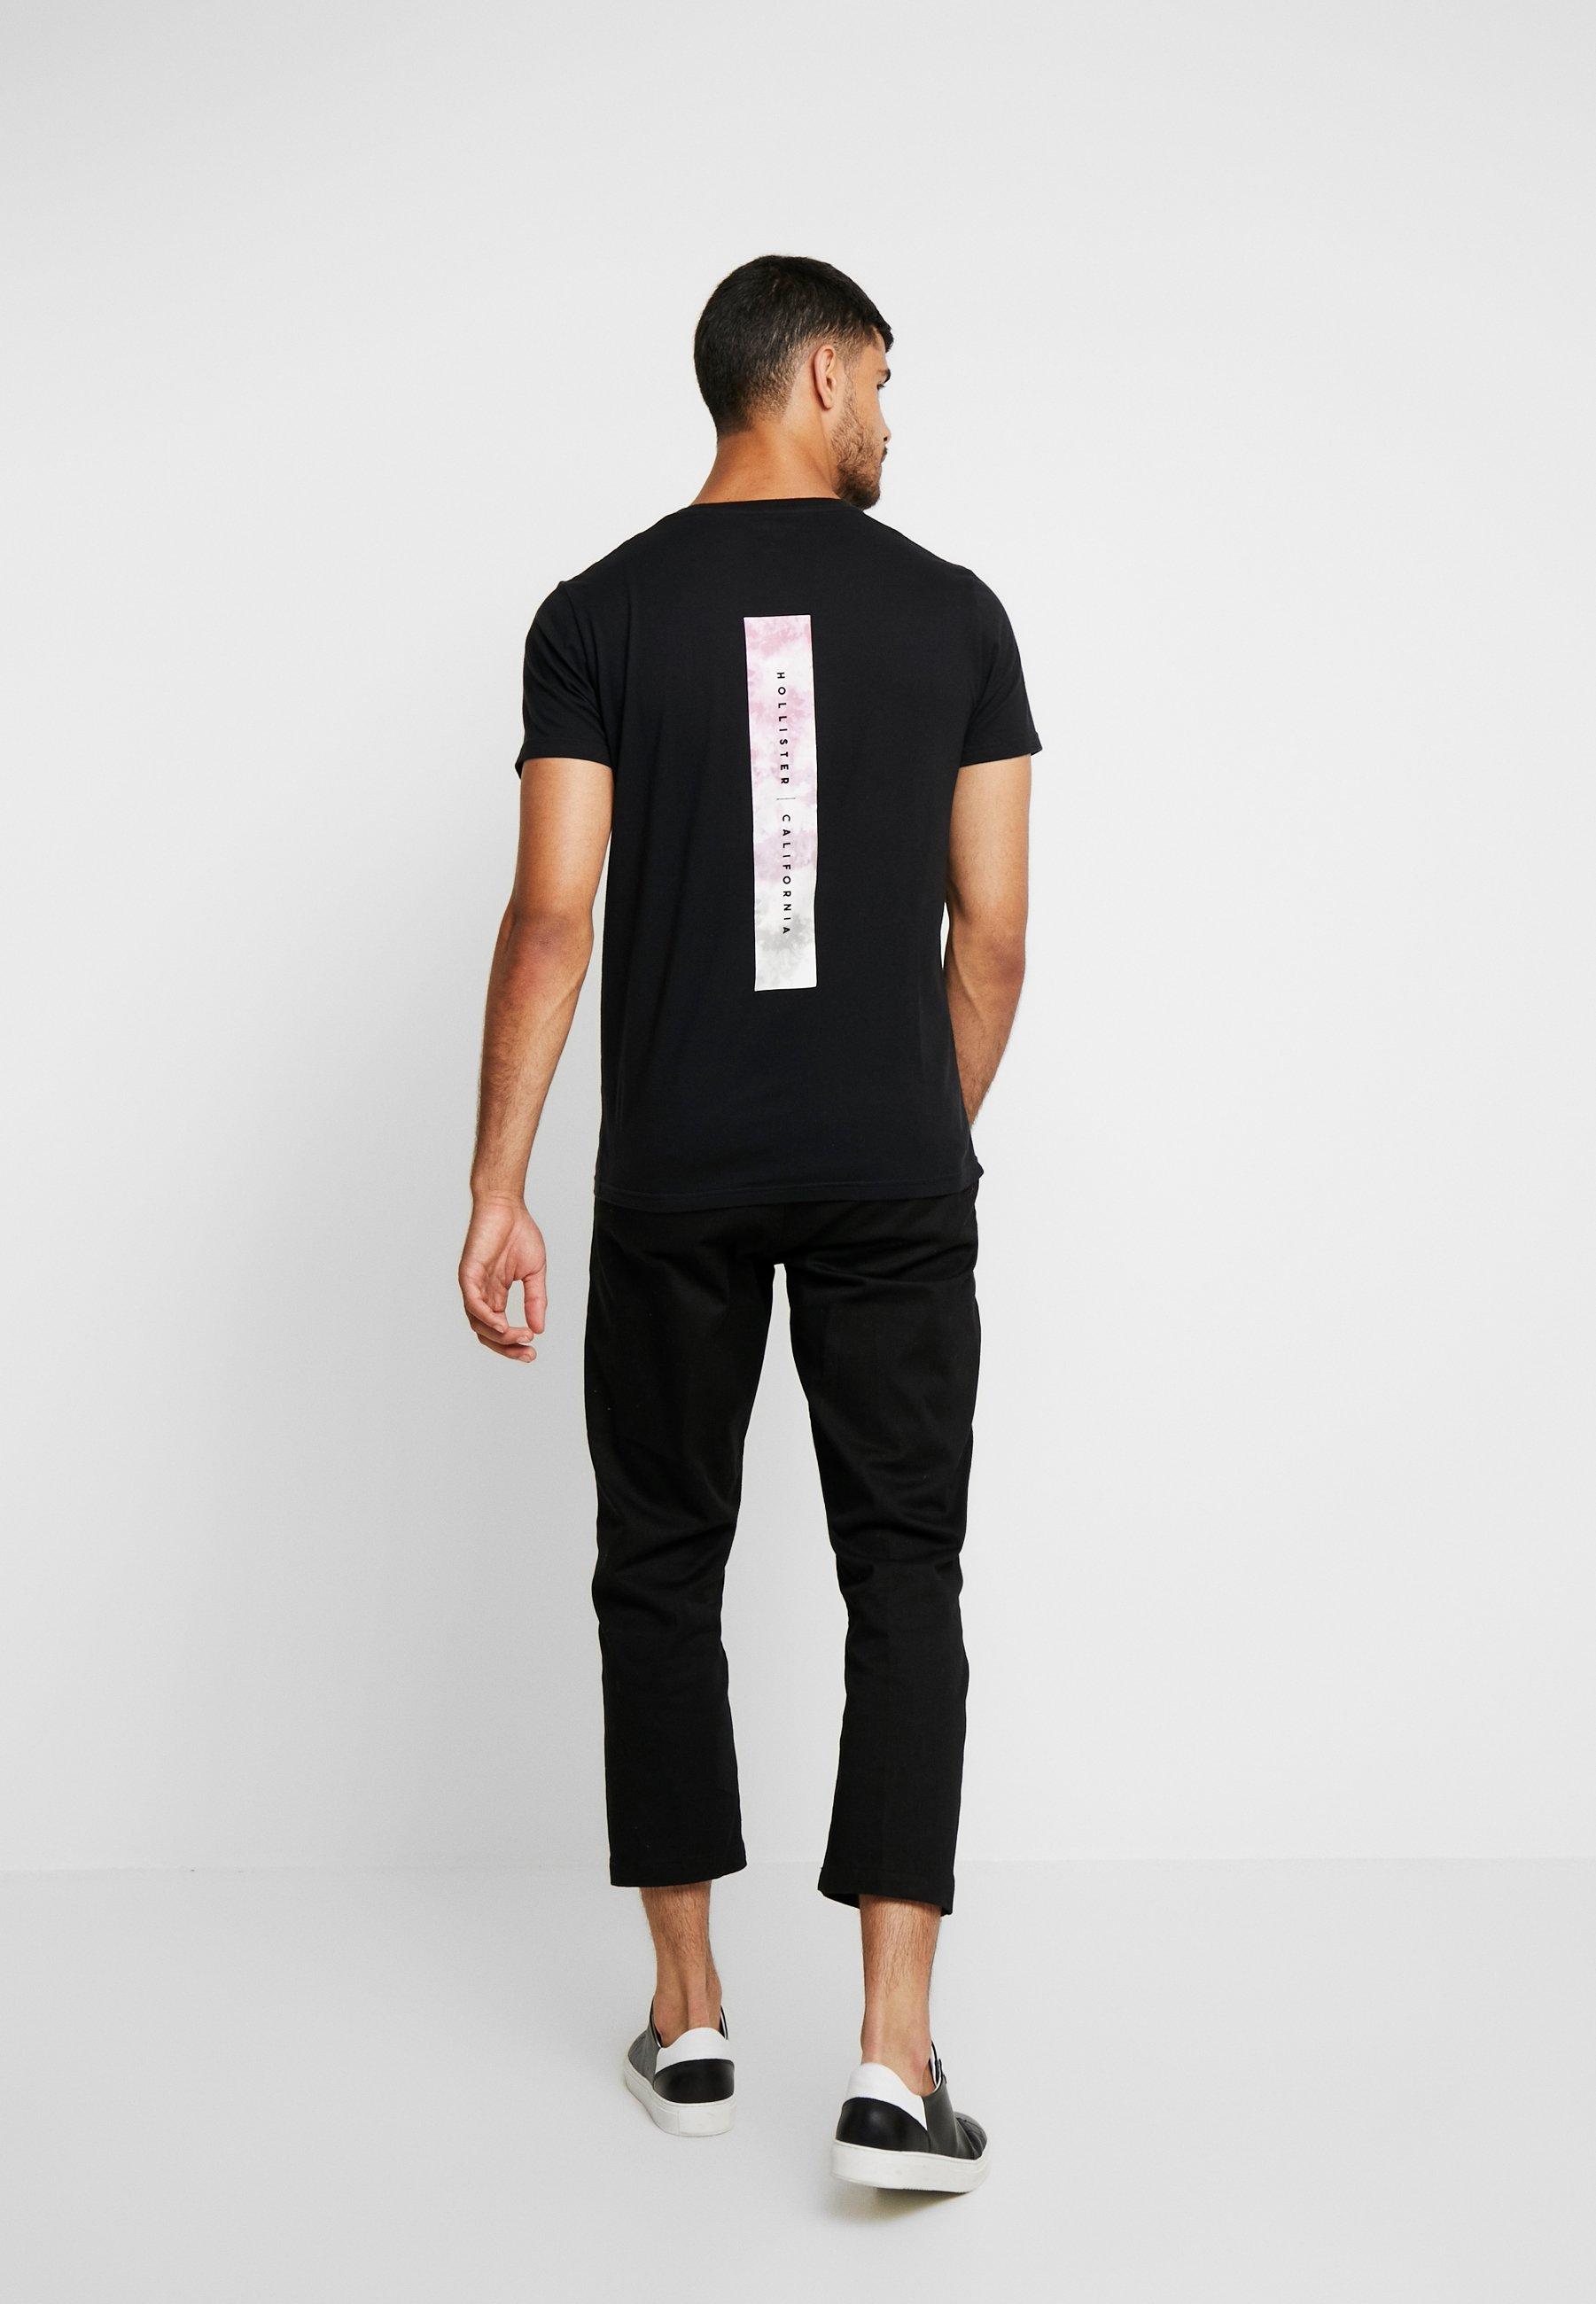 CoWide BoxT shirt Imprimé Hollister Black 2IEDH9